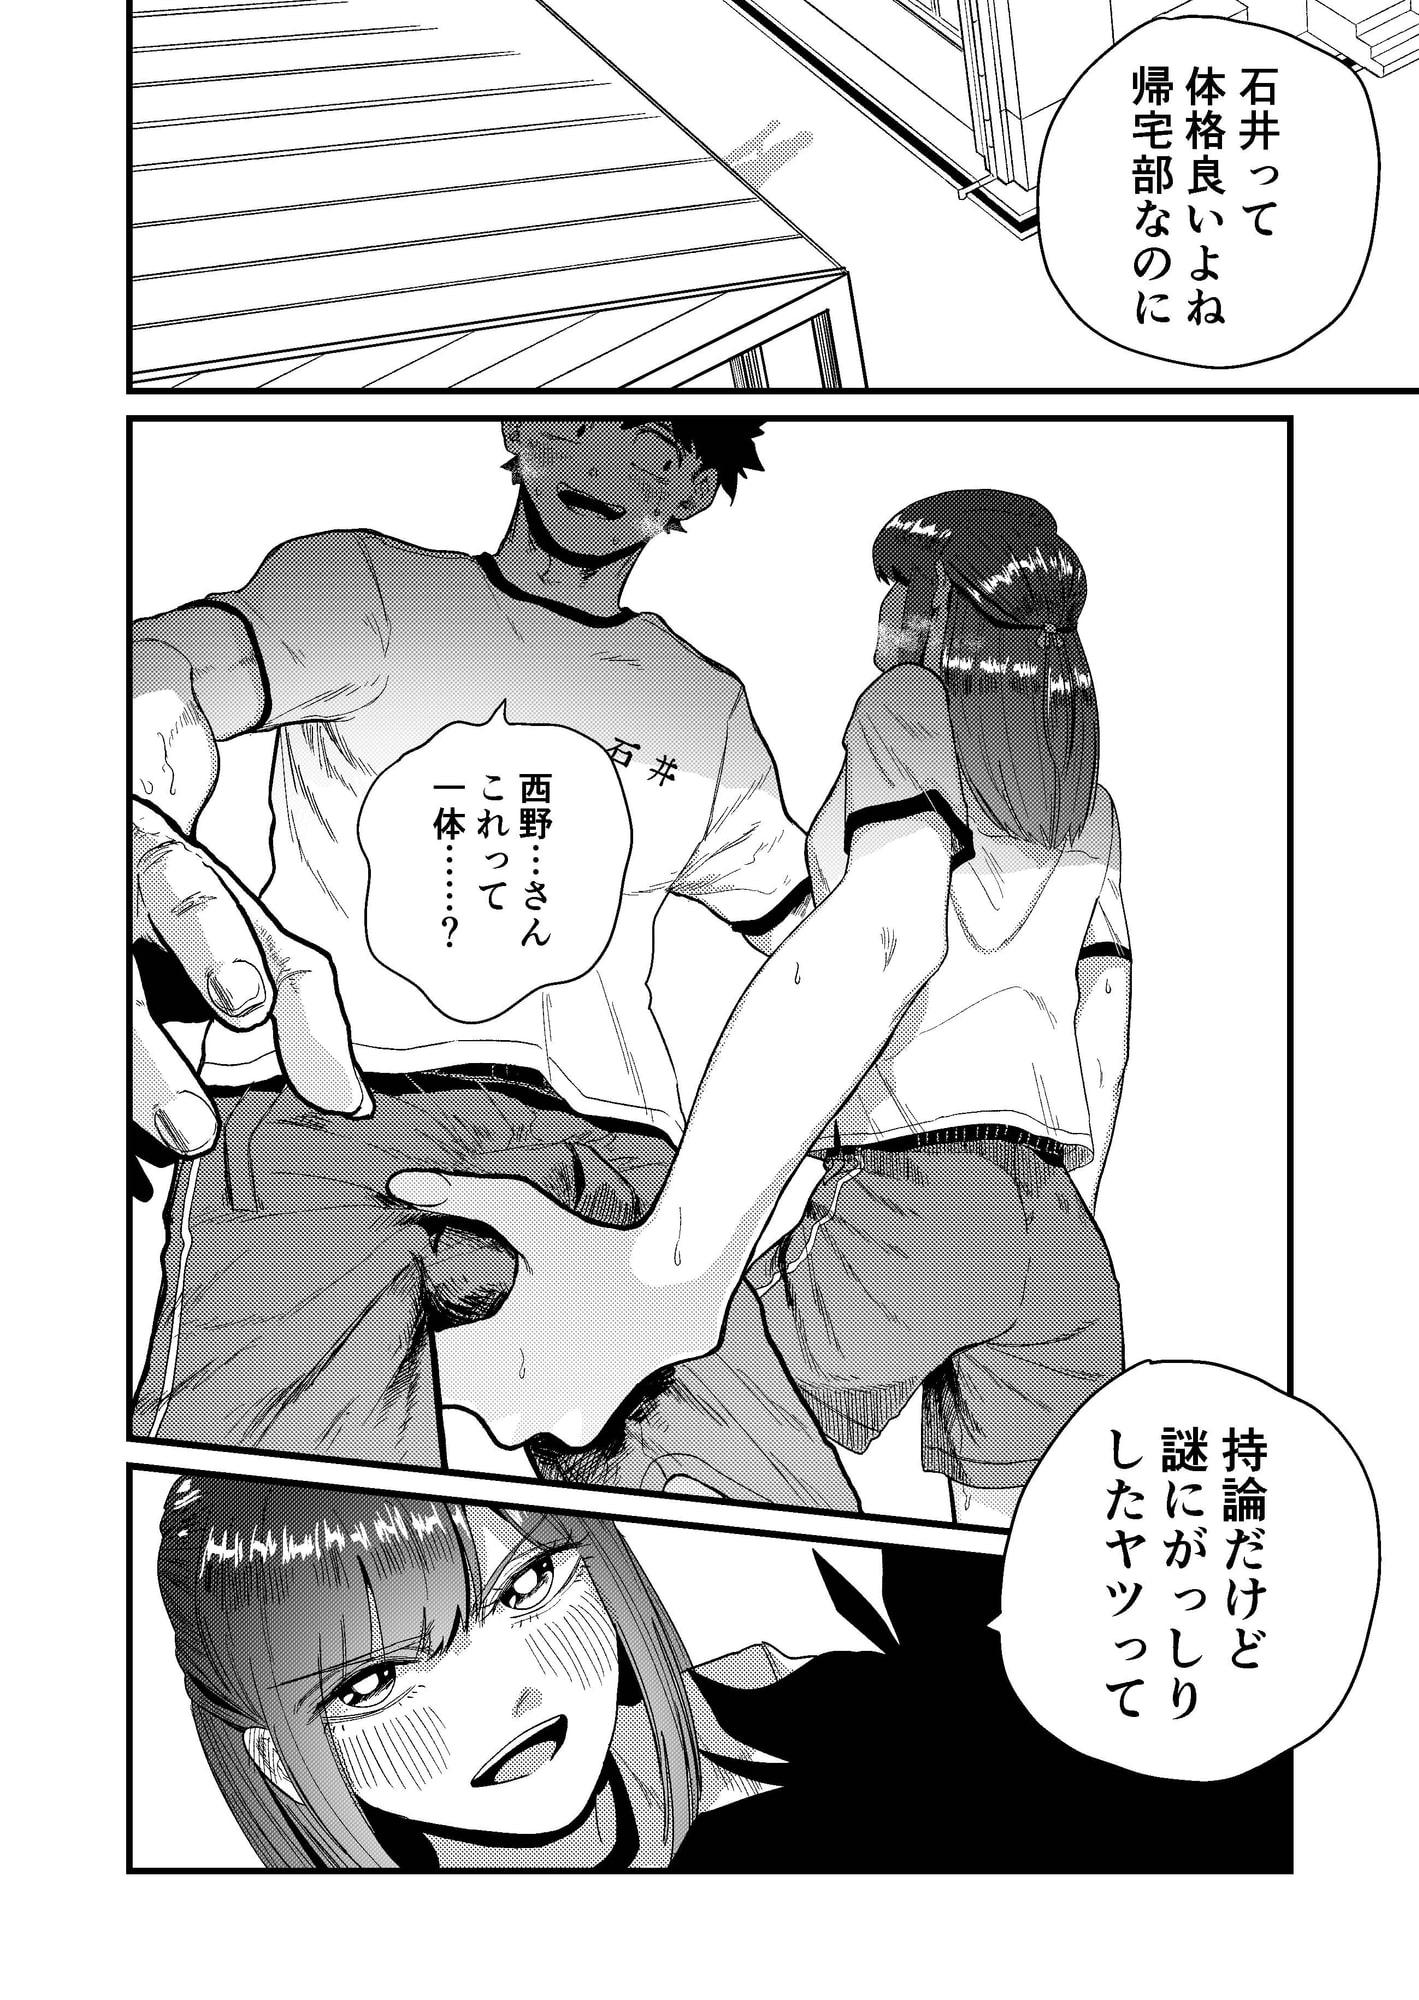 【エロ漫画】マゾ狩り西野さん 逆転無し×射精管理「サークル:ももちょび」【同人誌・コミック】#1